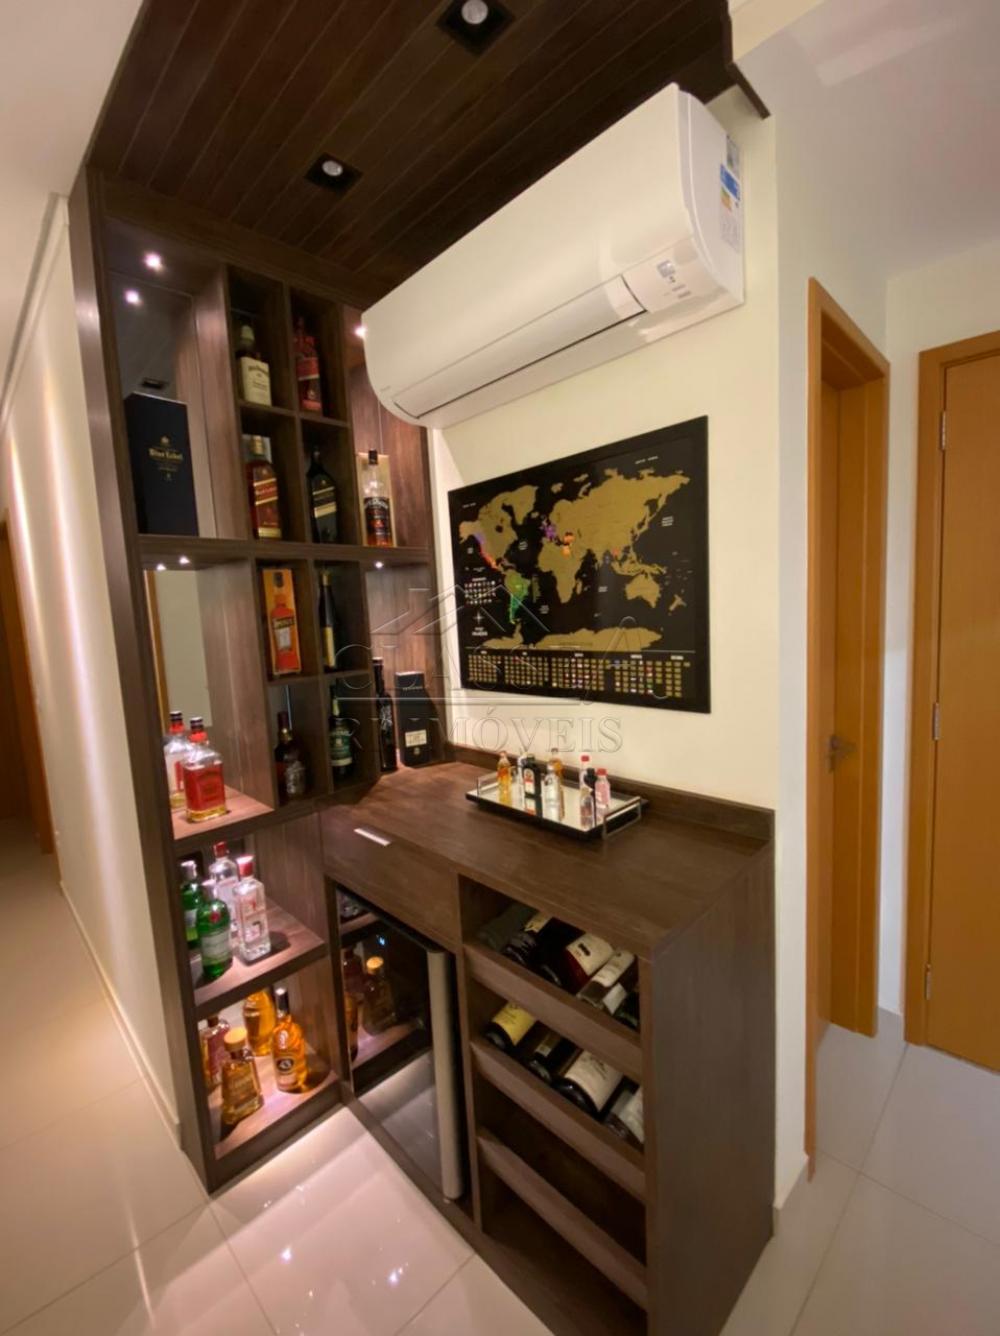 Comprar Apartamento / Padrão em Ribeirão Preto R$ 760.000,00 - Foto 2